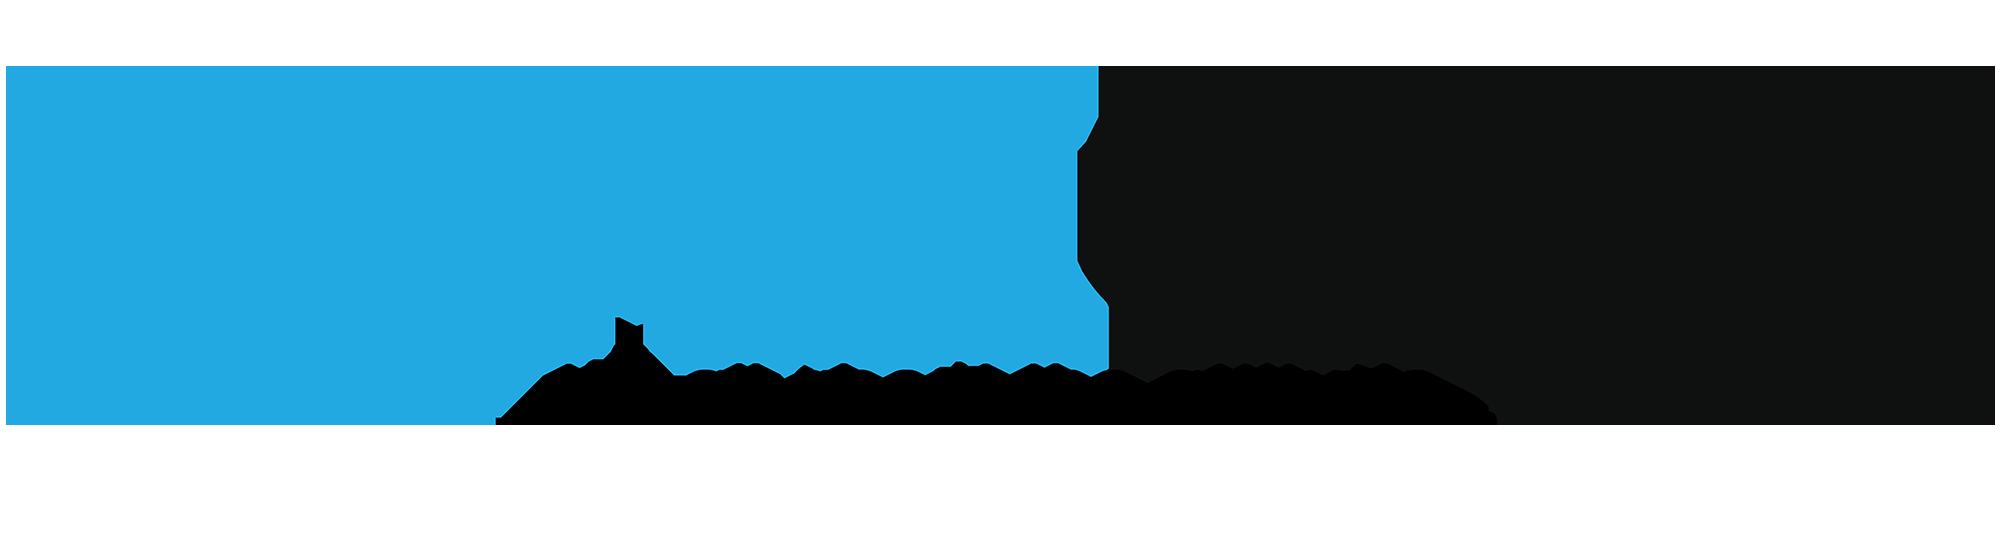 Peaklife-logo